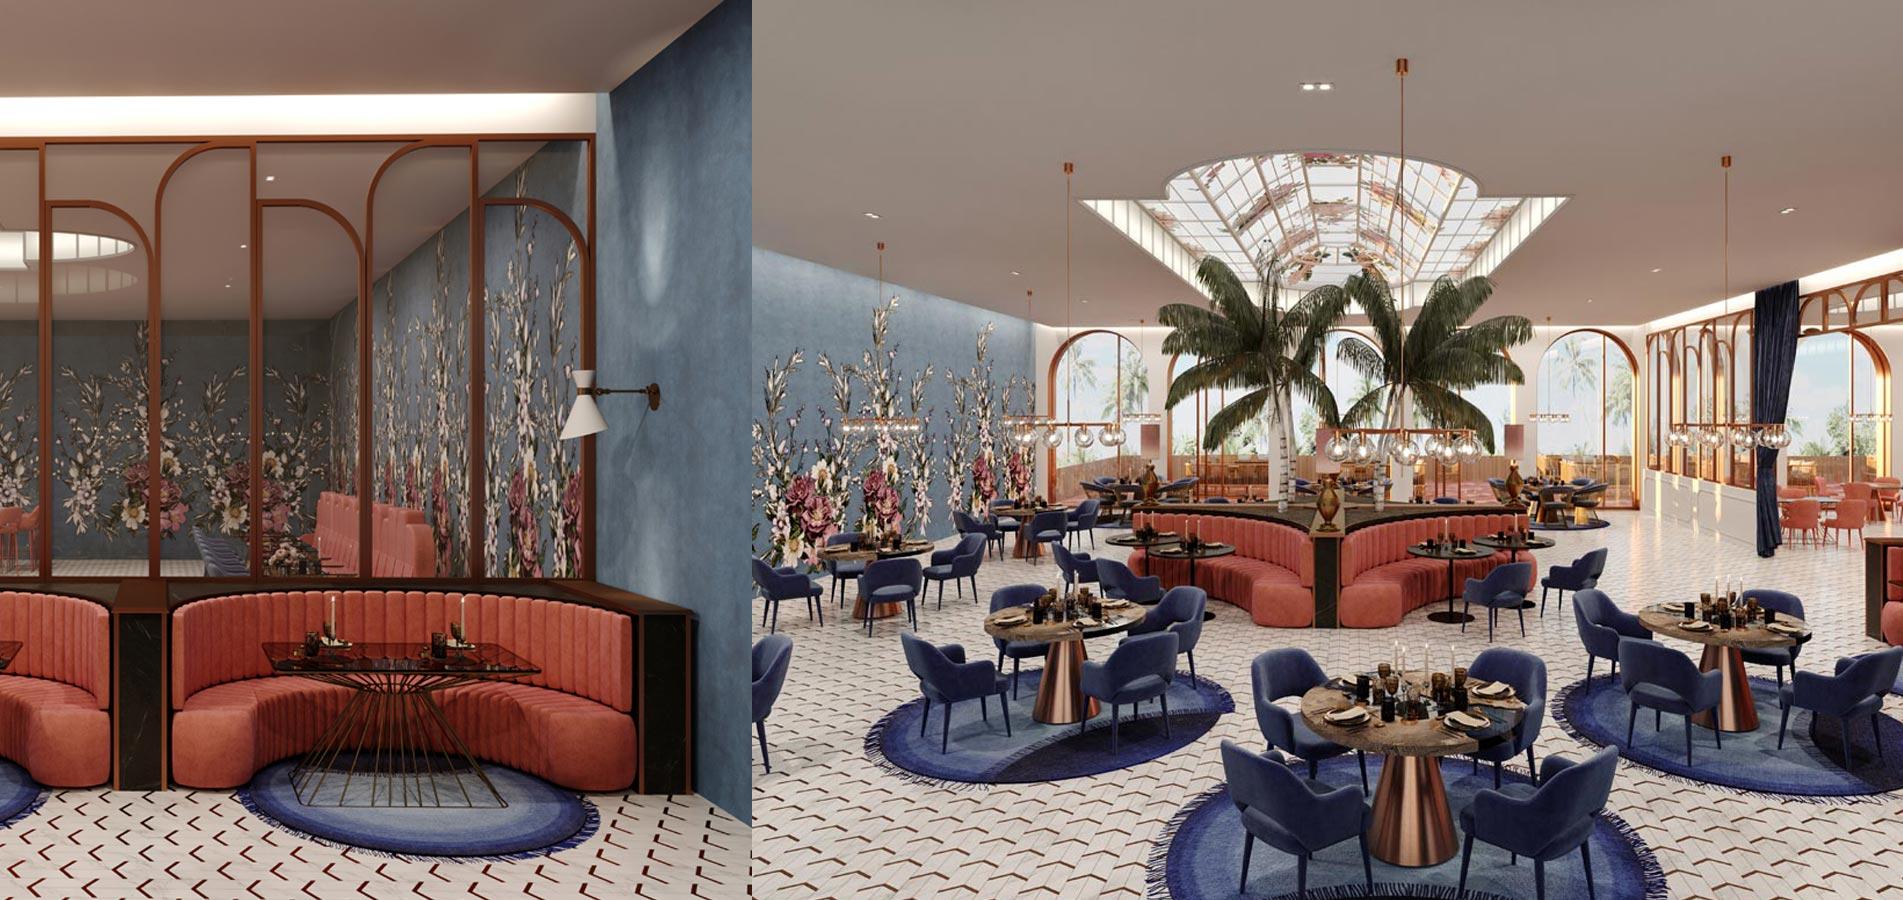 Restaurant Interieur design Ingrid van der Veen